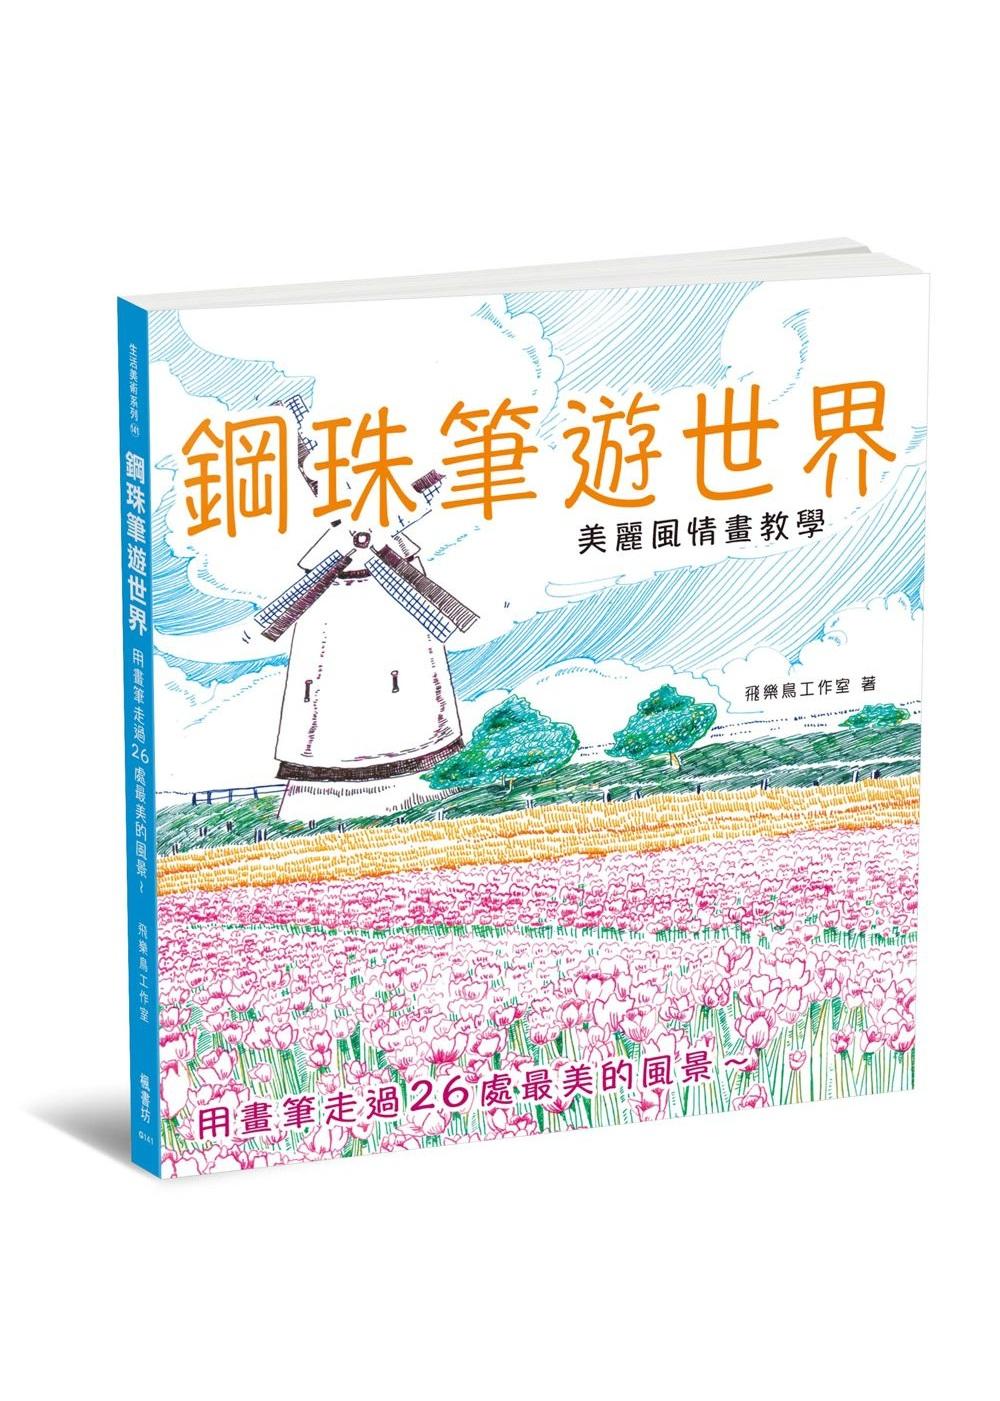 鋼珠筆遊世界:美麗風情畫教學